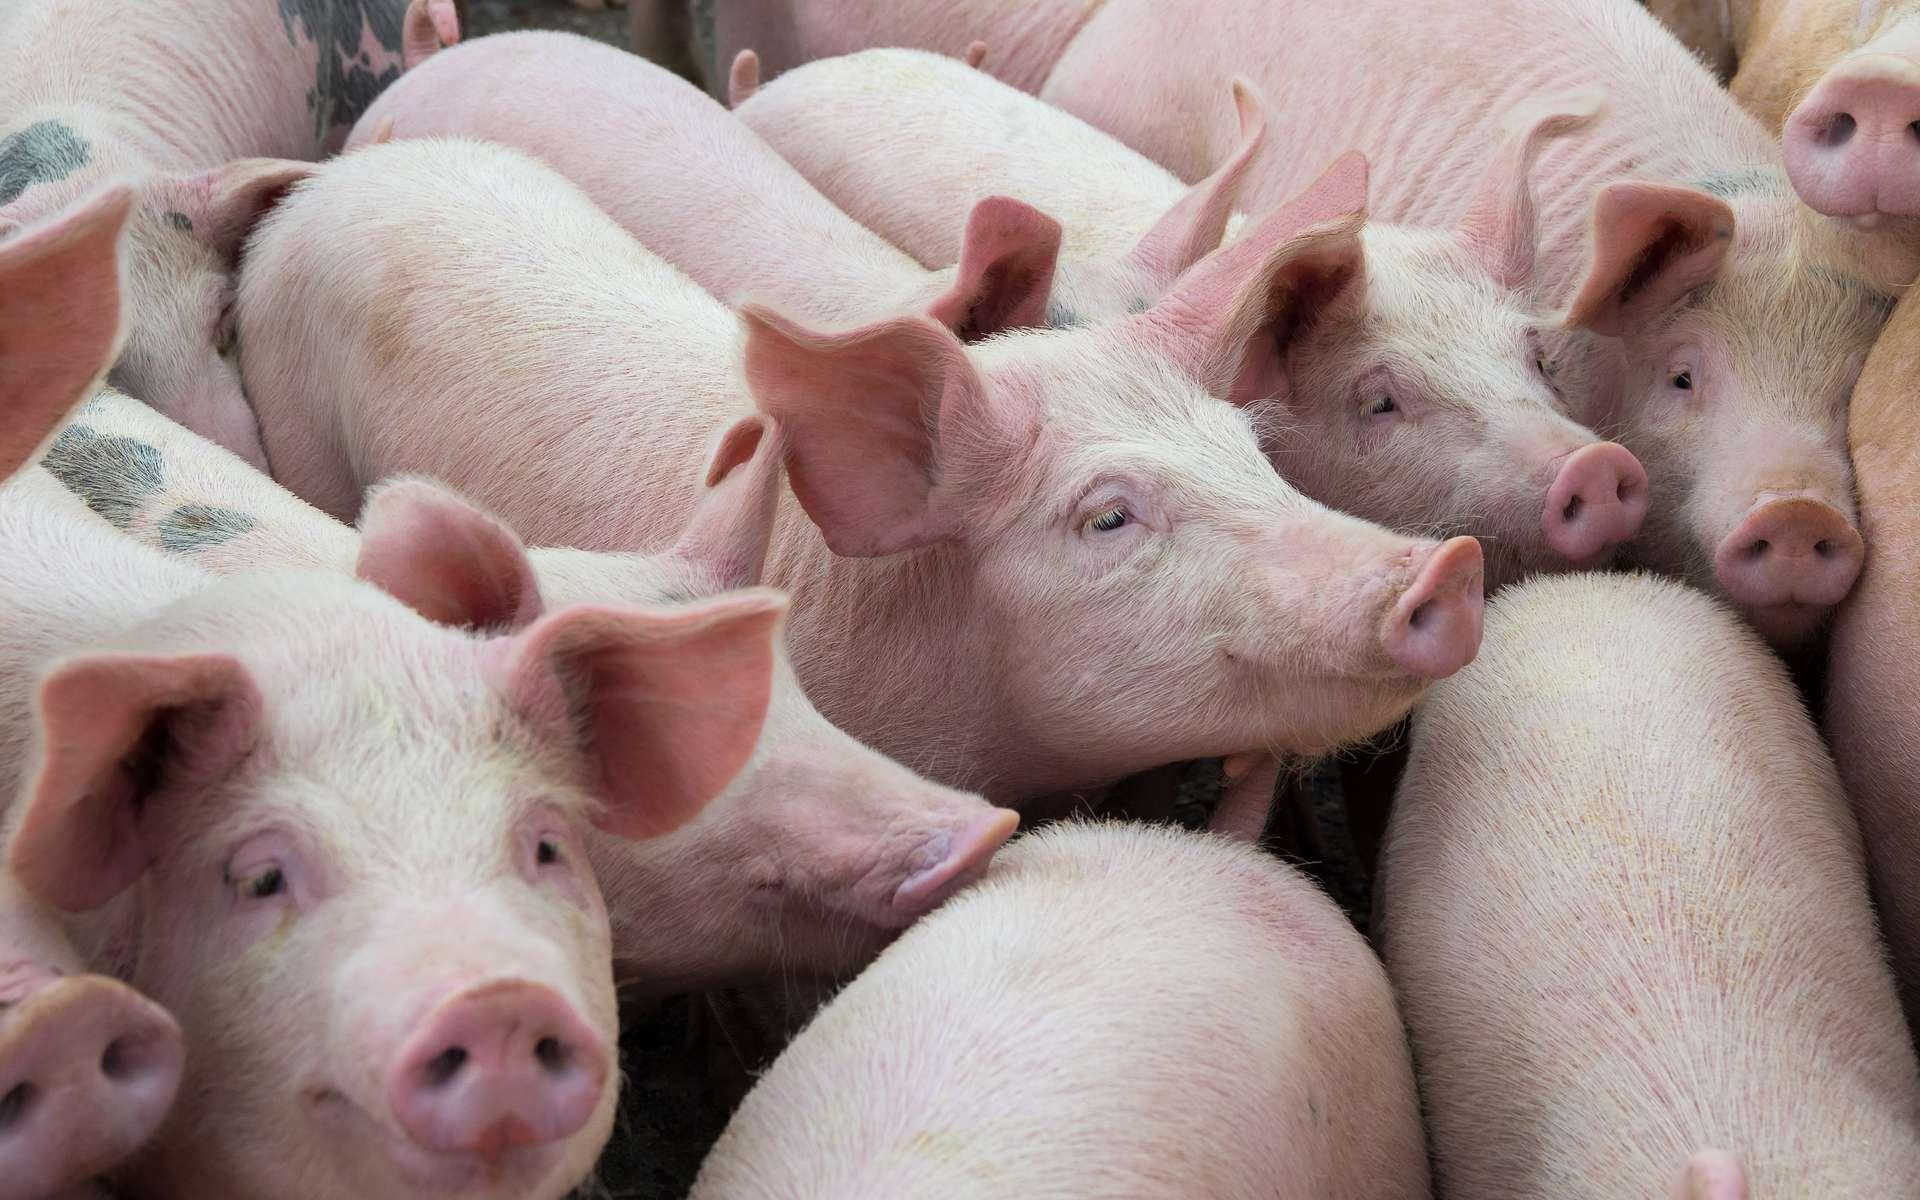 Les animaux d'élevage portent huit fois plus de virus zoonotiques que les animaux sauvages. Par exemple, les porcs seraient à l'origine de la pandémie de grippe H1N1. © Deyana, Adobe Stock